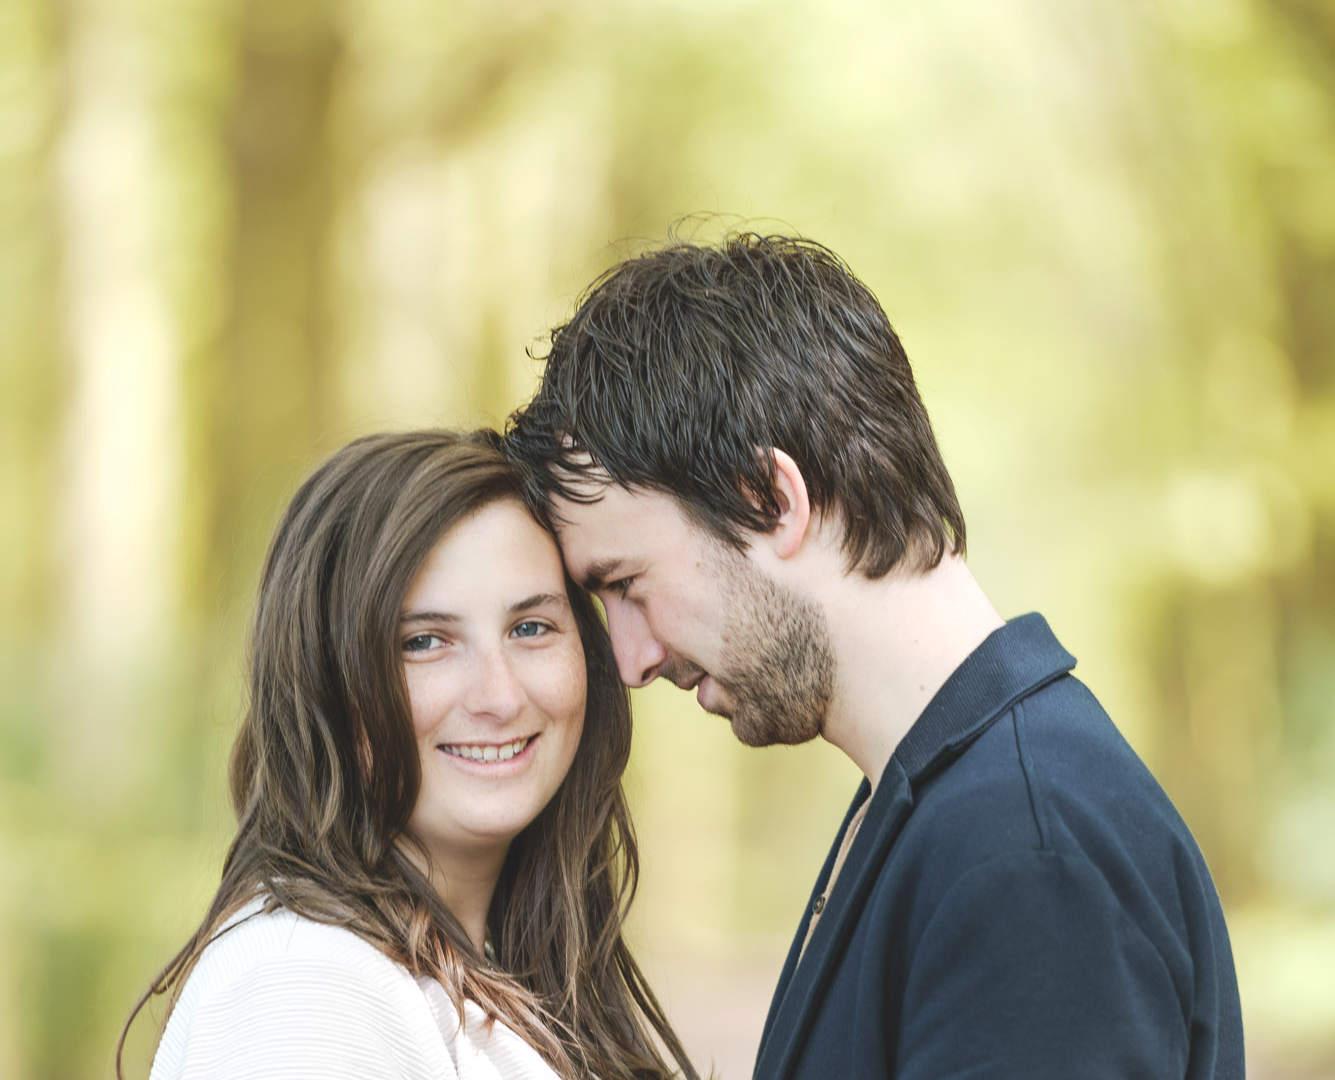 Koppelfotoshoot, liefdesfotoshoot, trouwfotografie, huwelijksfotografie, liefde, koppel, Alison Becu, Fotograaf, Fotografie